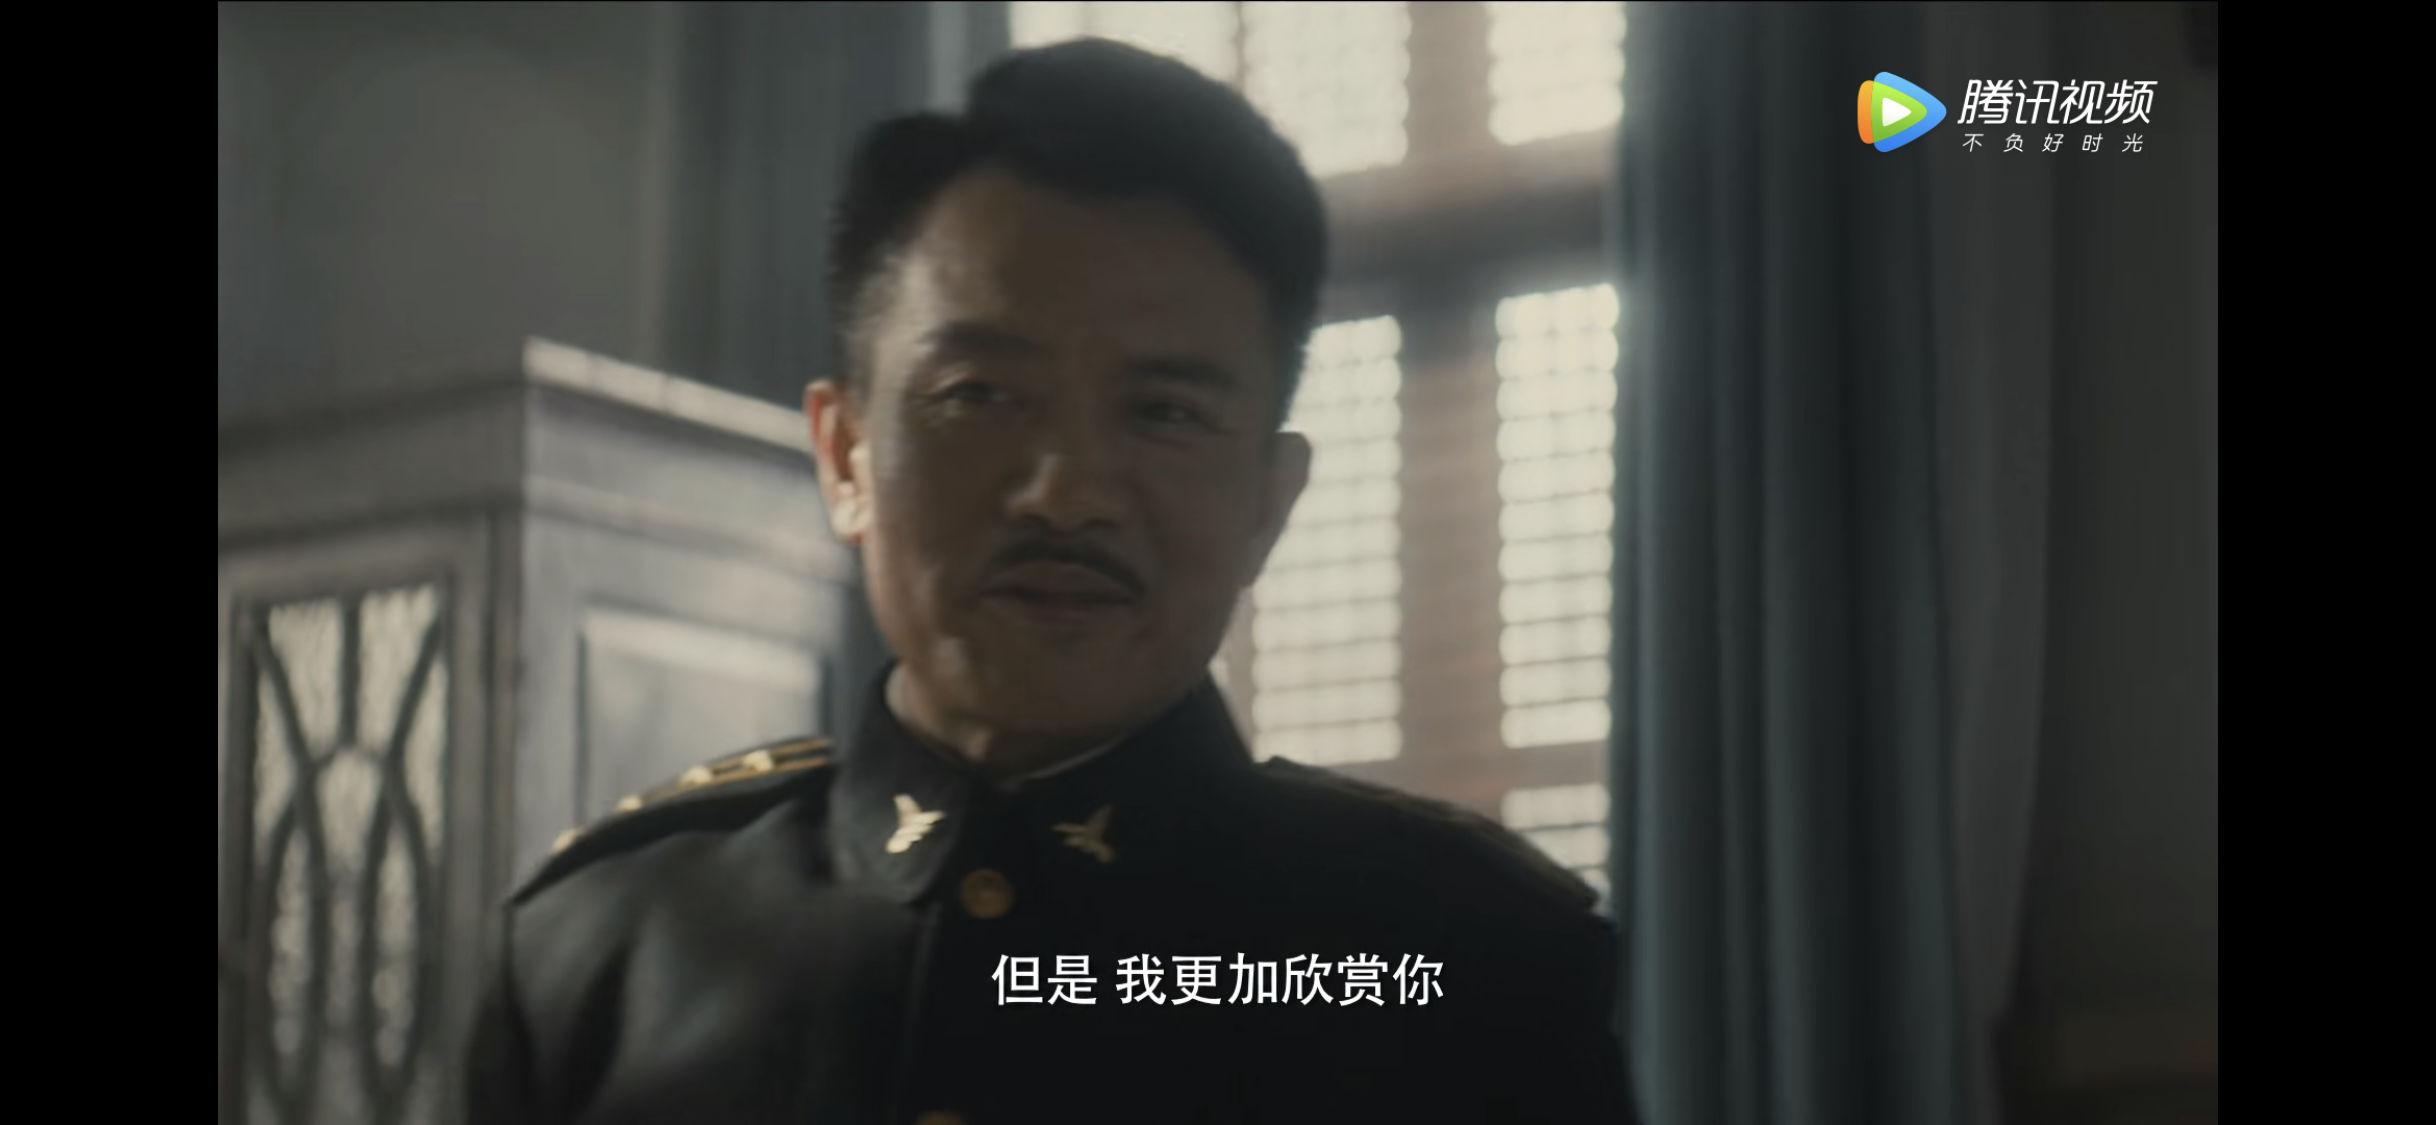 《隐秘而伟大》杨会计替罪羊始末详述,赵丁是帮凶,顾耀东受暴击